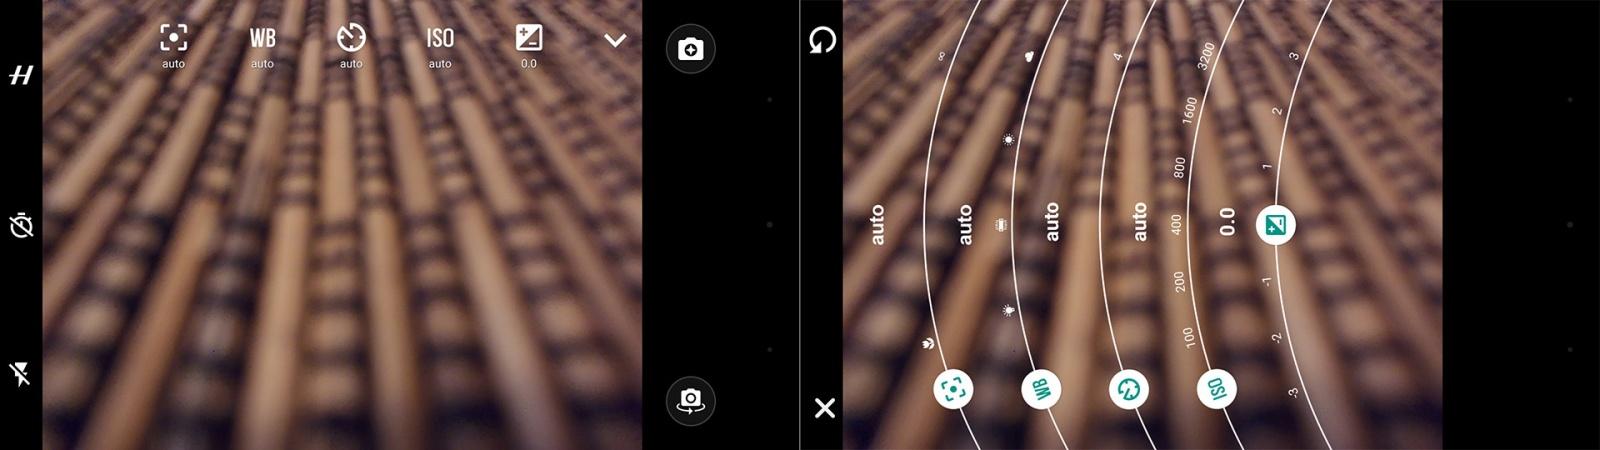 Фотомодуль Hasselblad True Zoom для Moto Z: для чего он нужен и на что способен? - 12